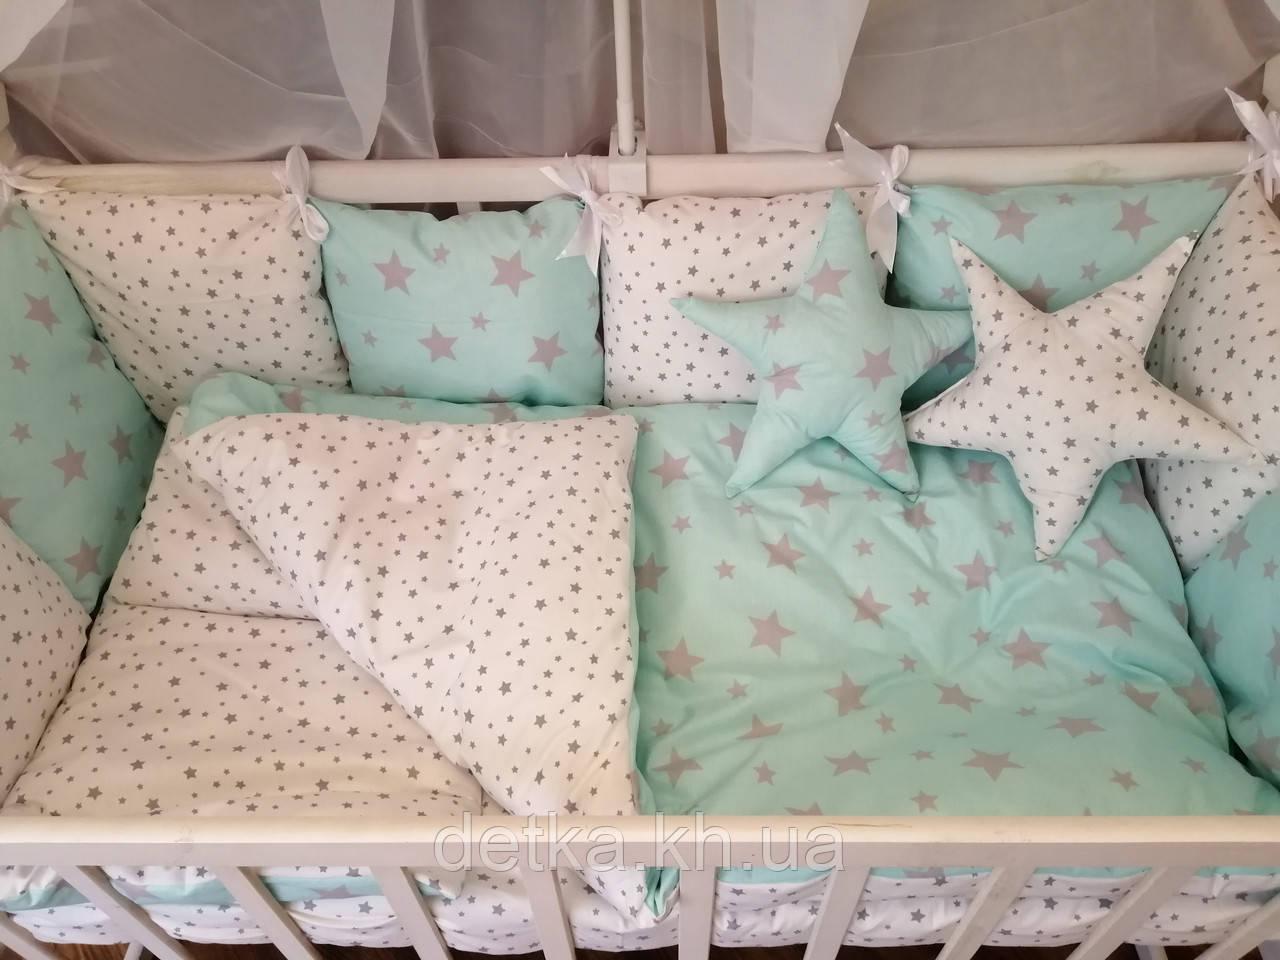 """Комплект """"Perfect"""" в детскую кроватку,бирюзово-жемчужный со звездами"""